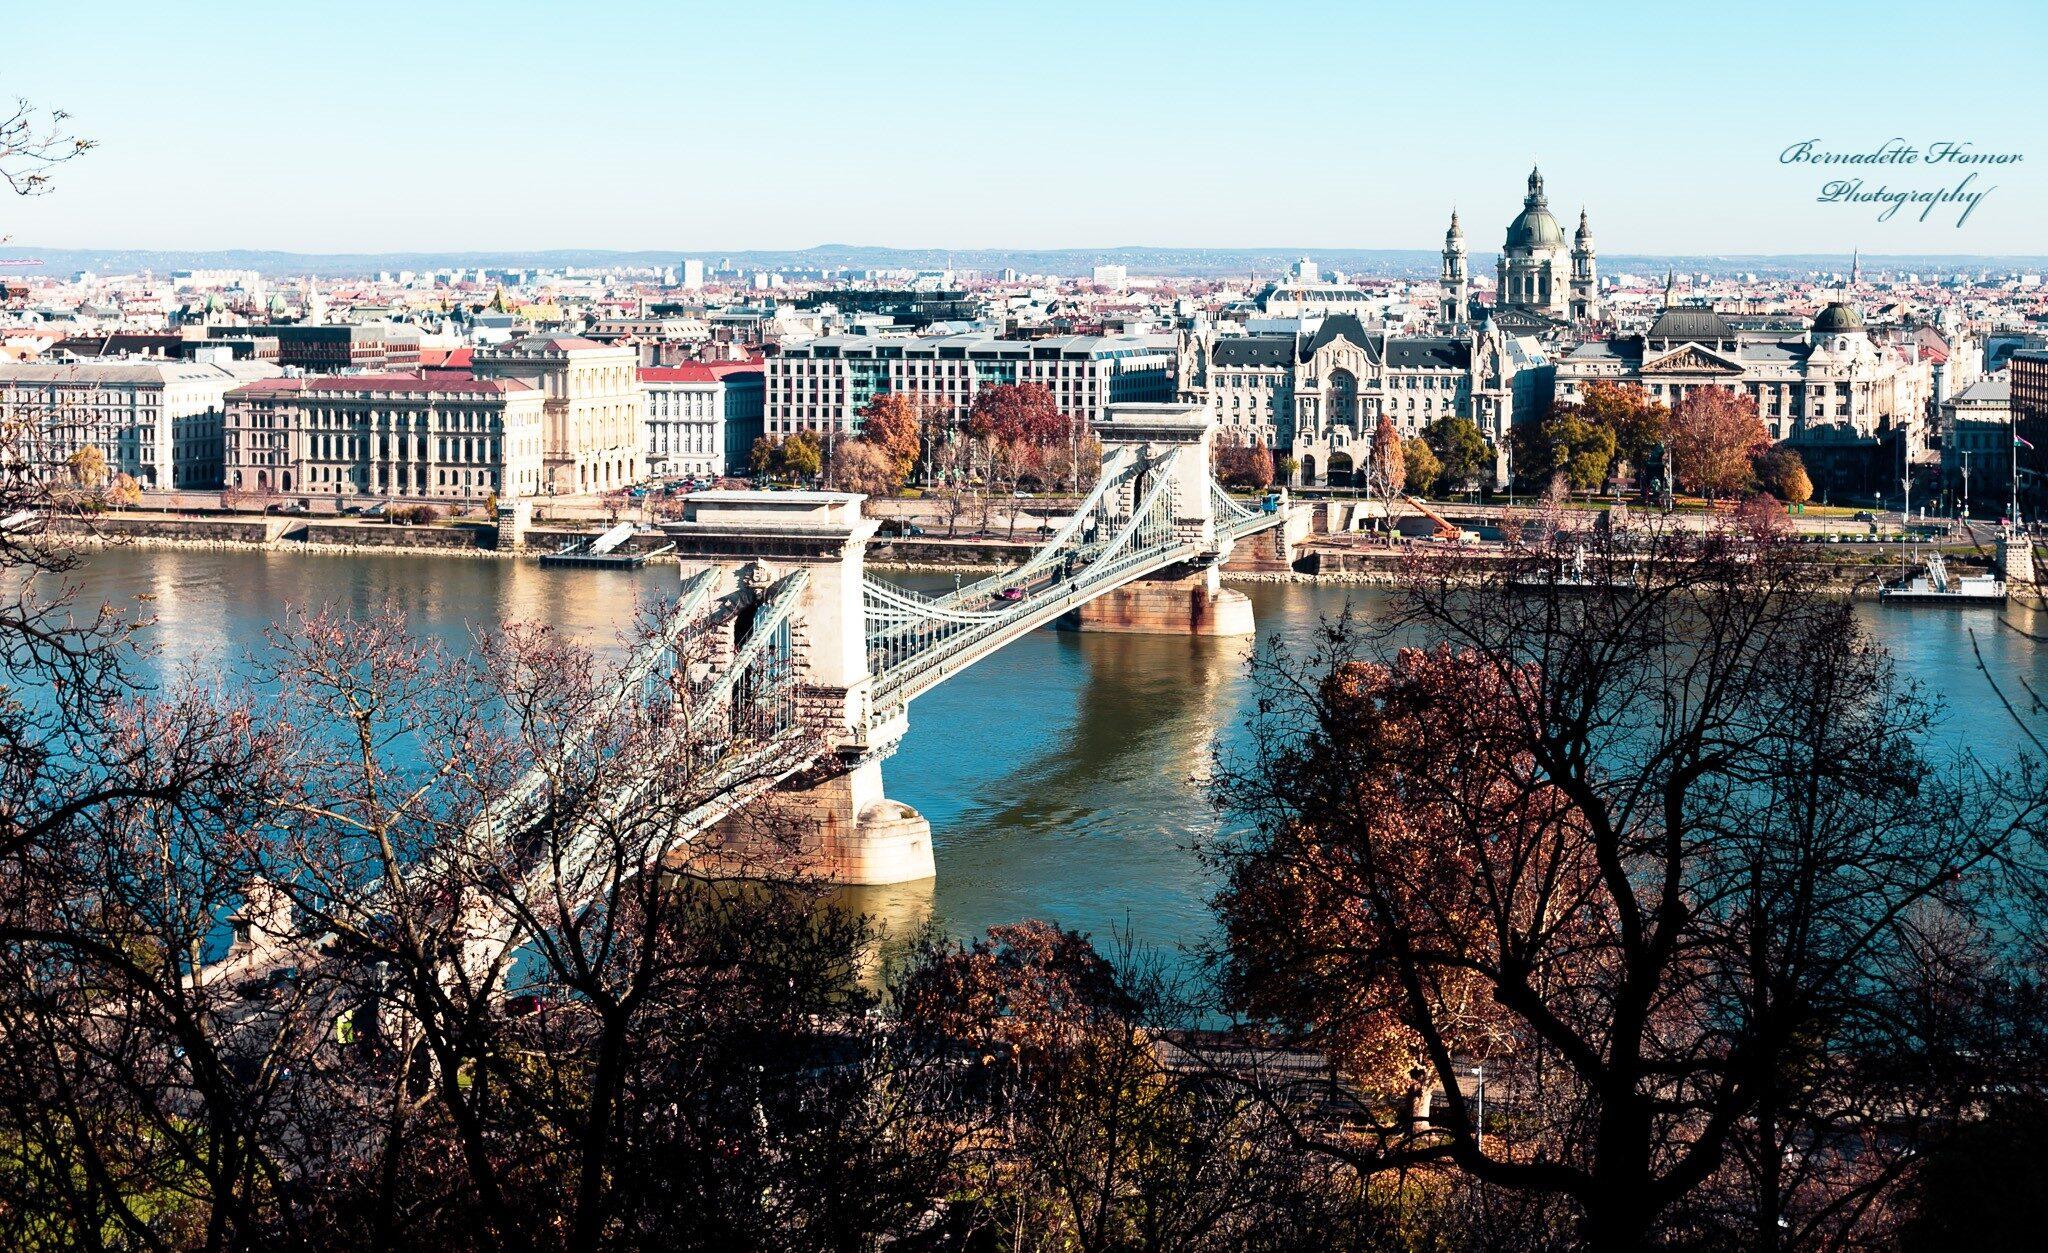 Panoramic view of Chain Bridge